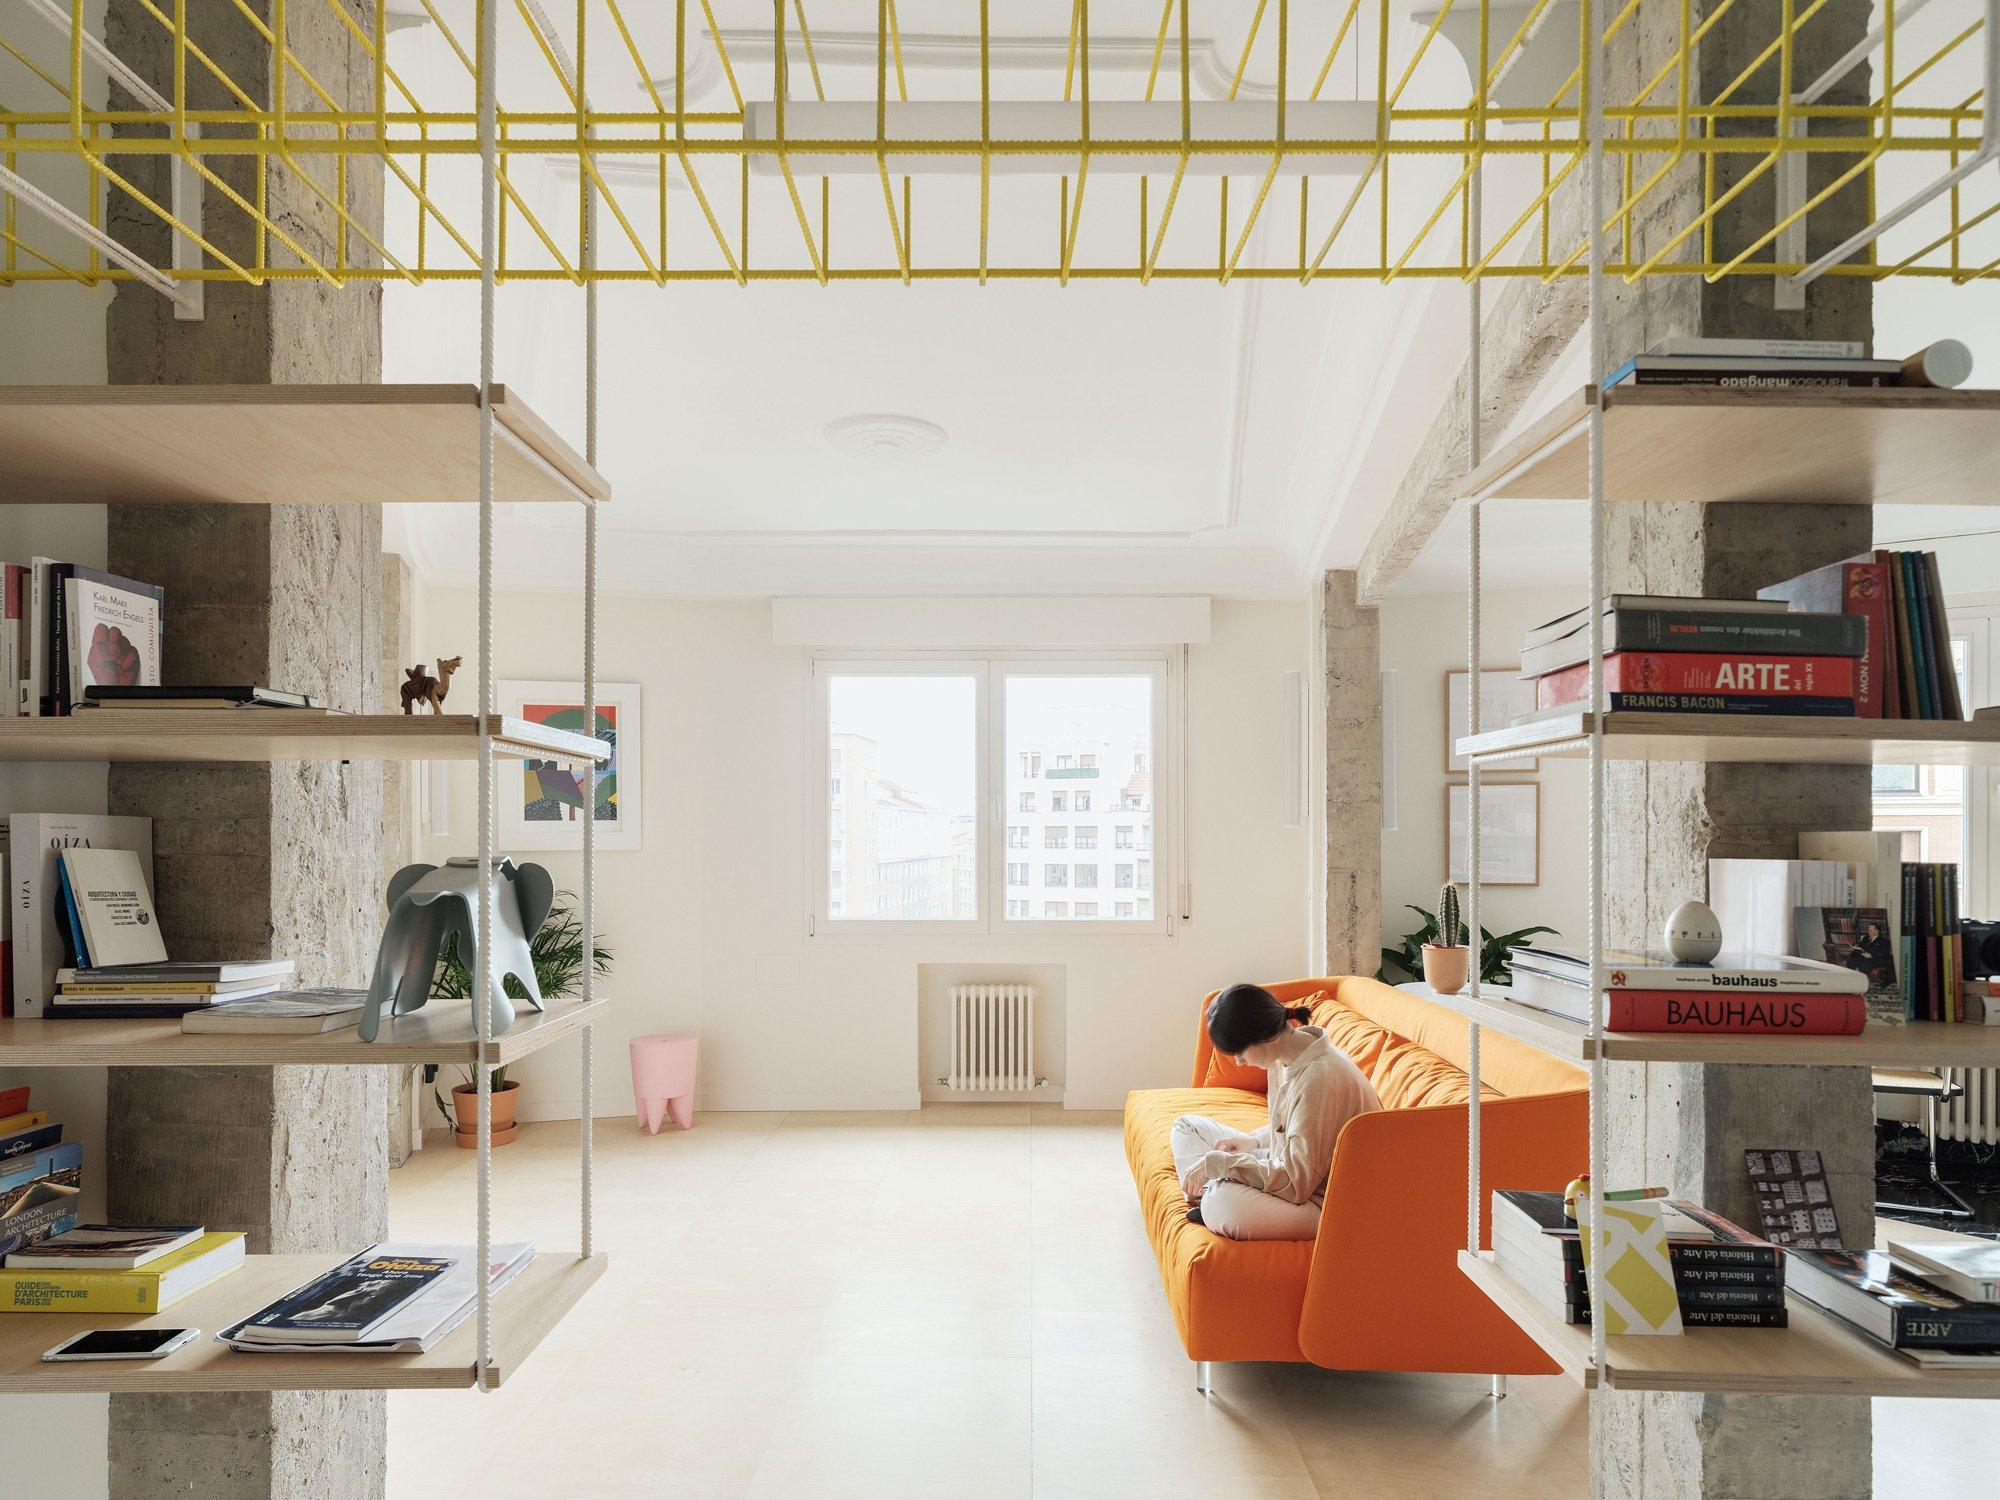 Wie das Eingangsportal zur Wohnung wirkt das eingebaute Regal aus Holz und Metall.